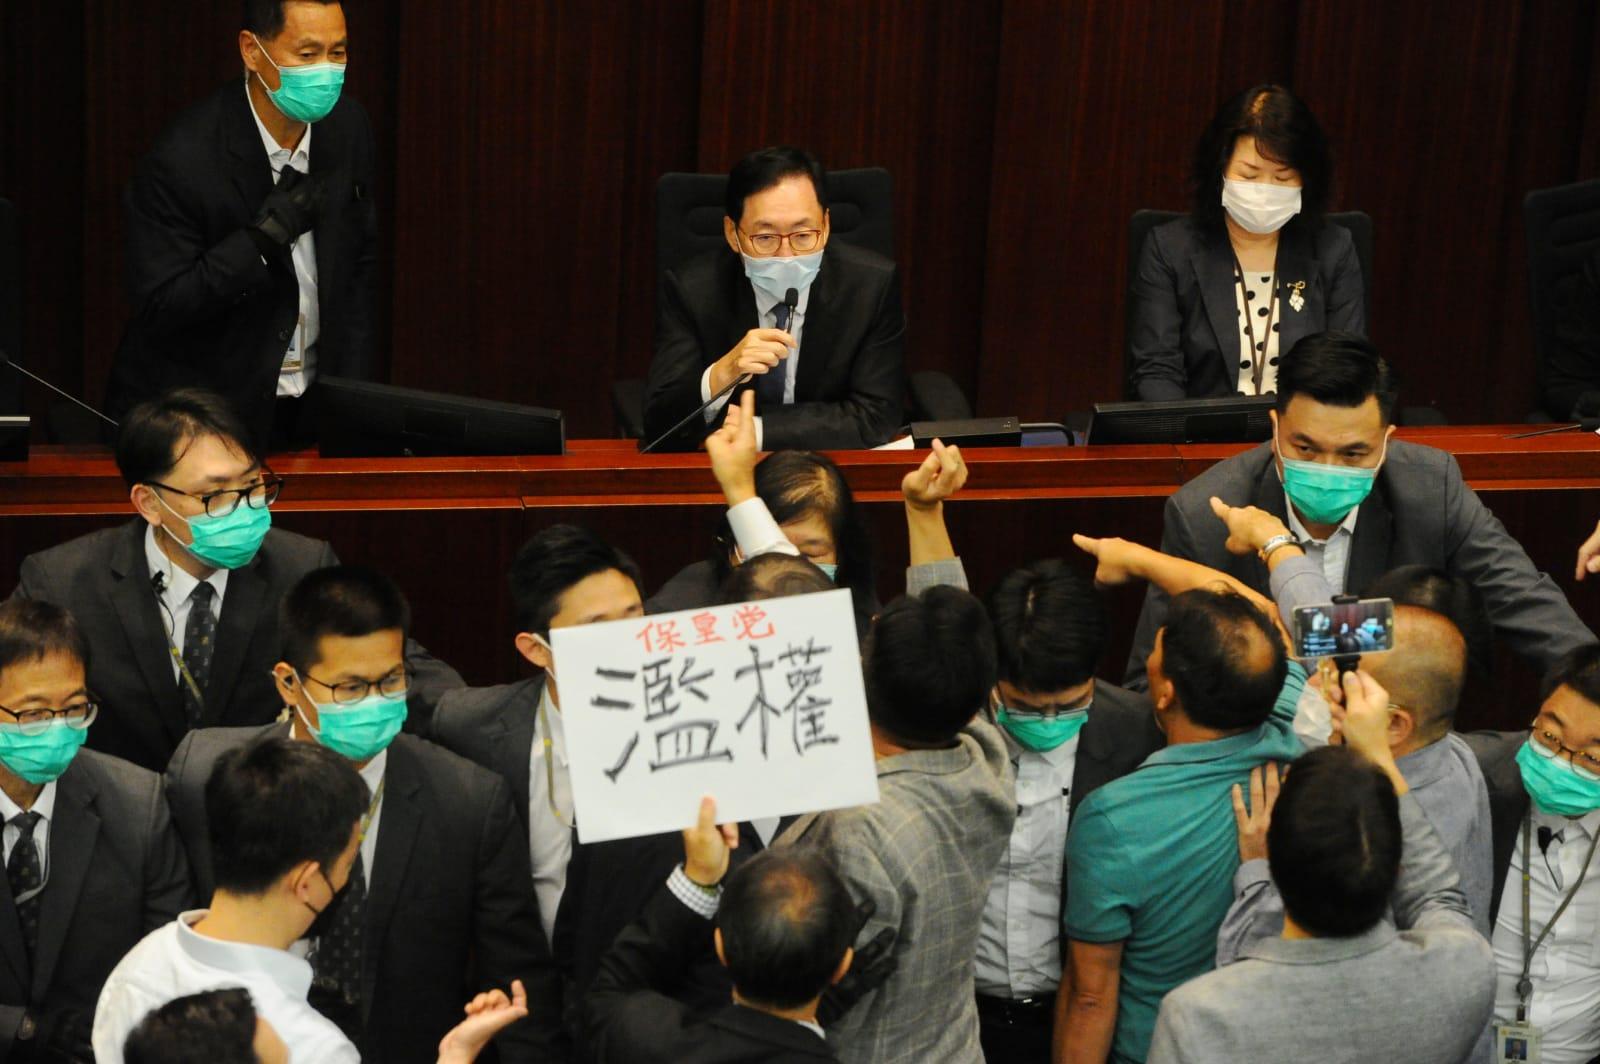 陳健波表示,如果有人衝擊保安,或阻礙會議,最多可以獲得12個月的監禁。(宋碧龍 / 大紀元)